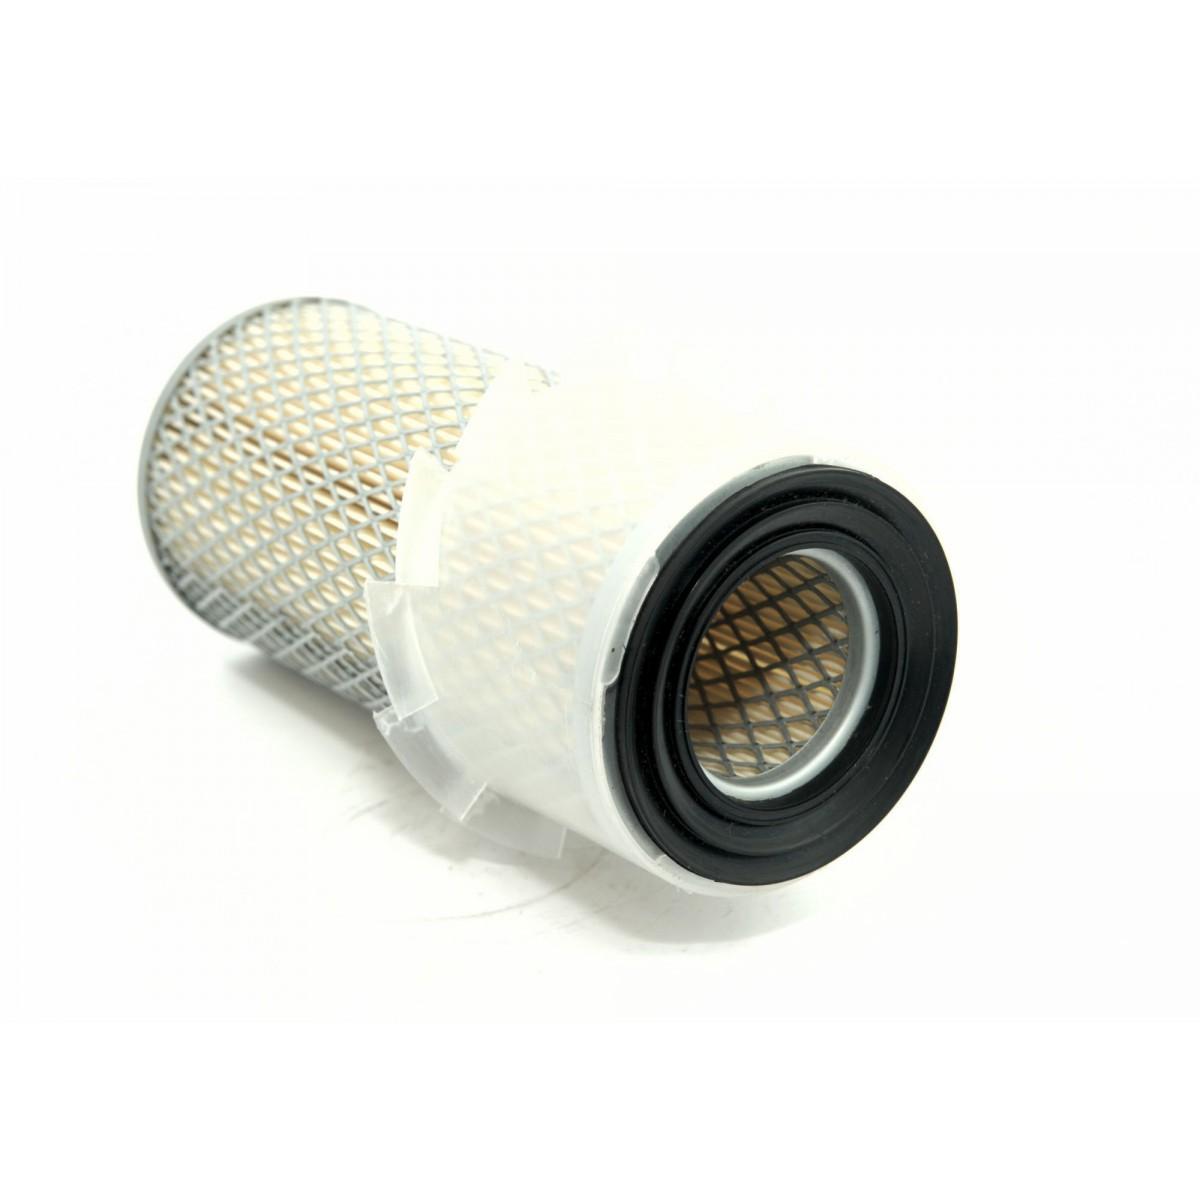 Filtr powietrza Kubota L1500, L2000, Bulltra, Hinomoto, Yanmar 44x83x183 mm